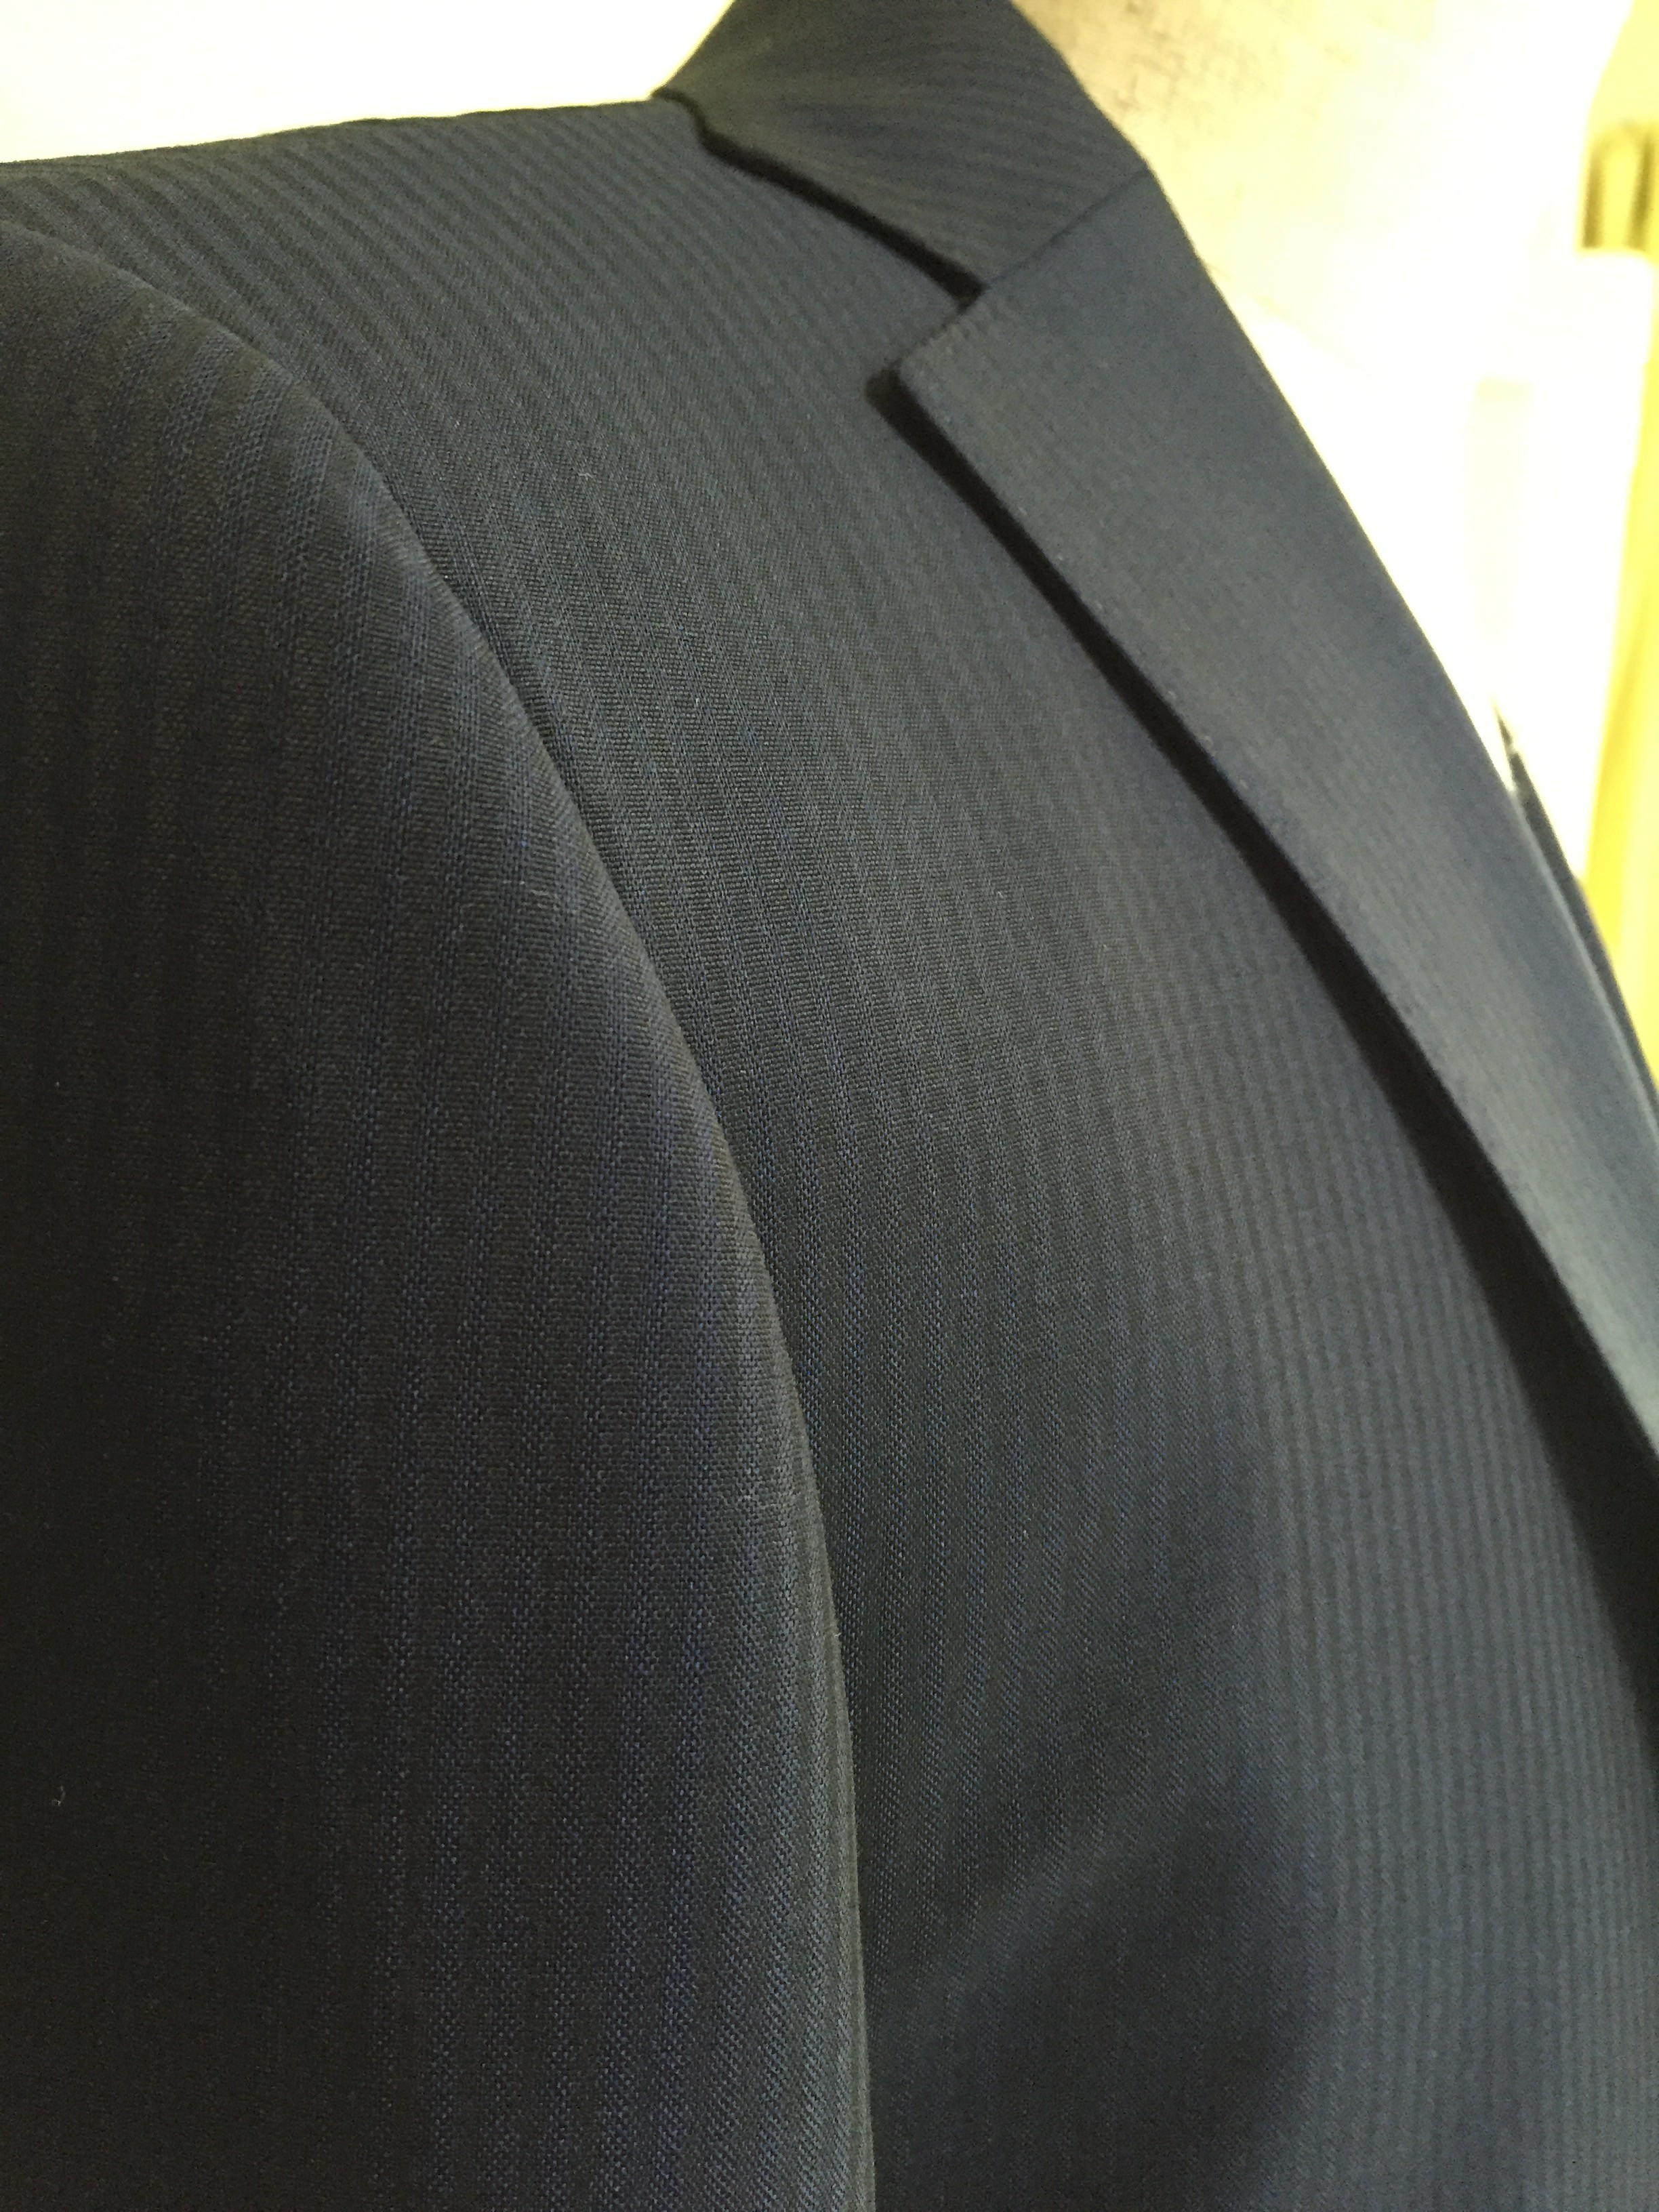 正統派の礼服  – トラディショナルフォーマル - へのお誘い